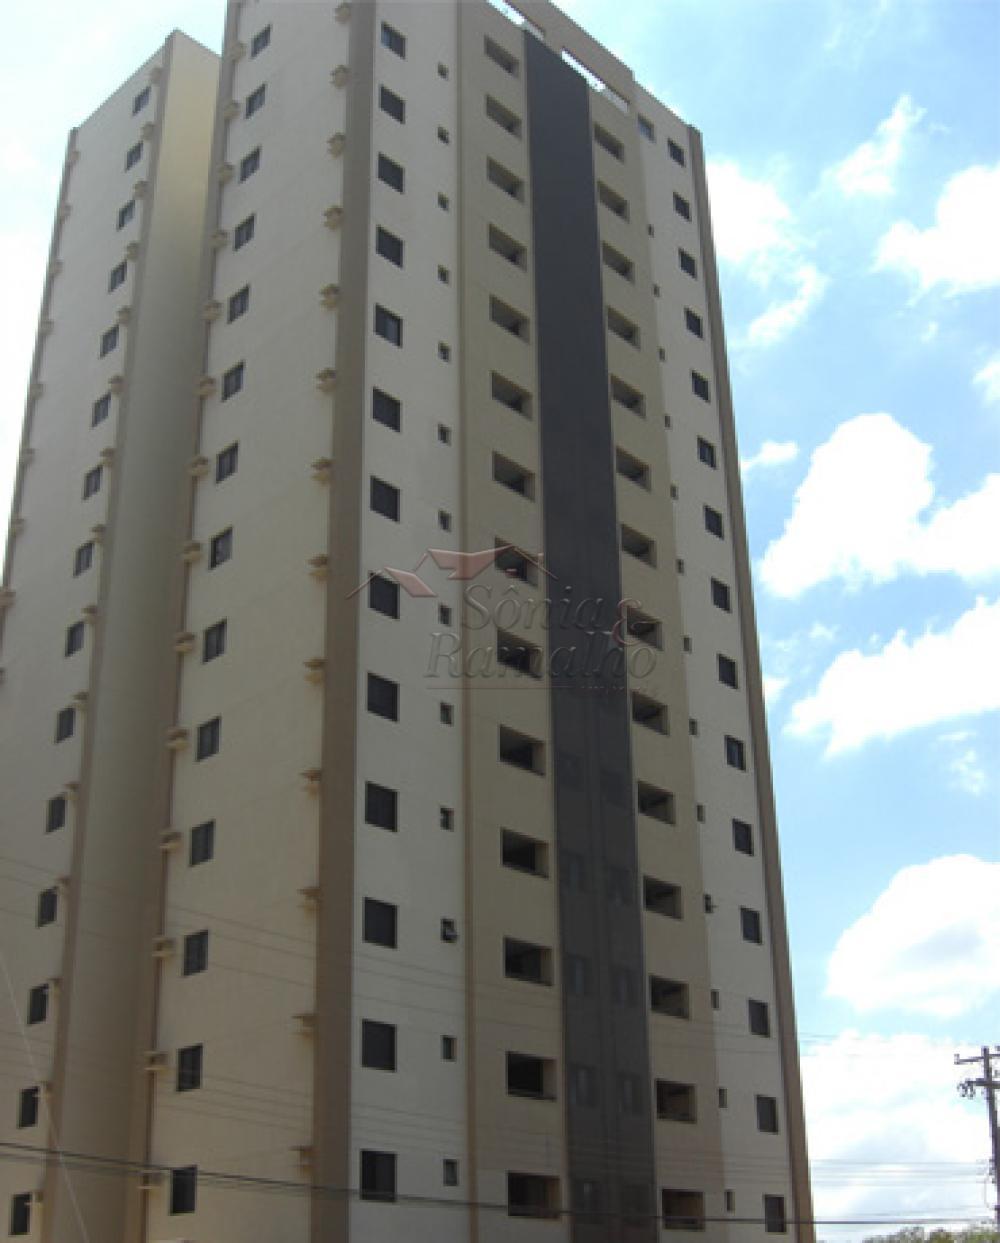 Comprar Apartamentos / Padrão em Ribeirão Preto apenas R$ 300.000,00 - Foto 19